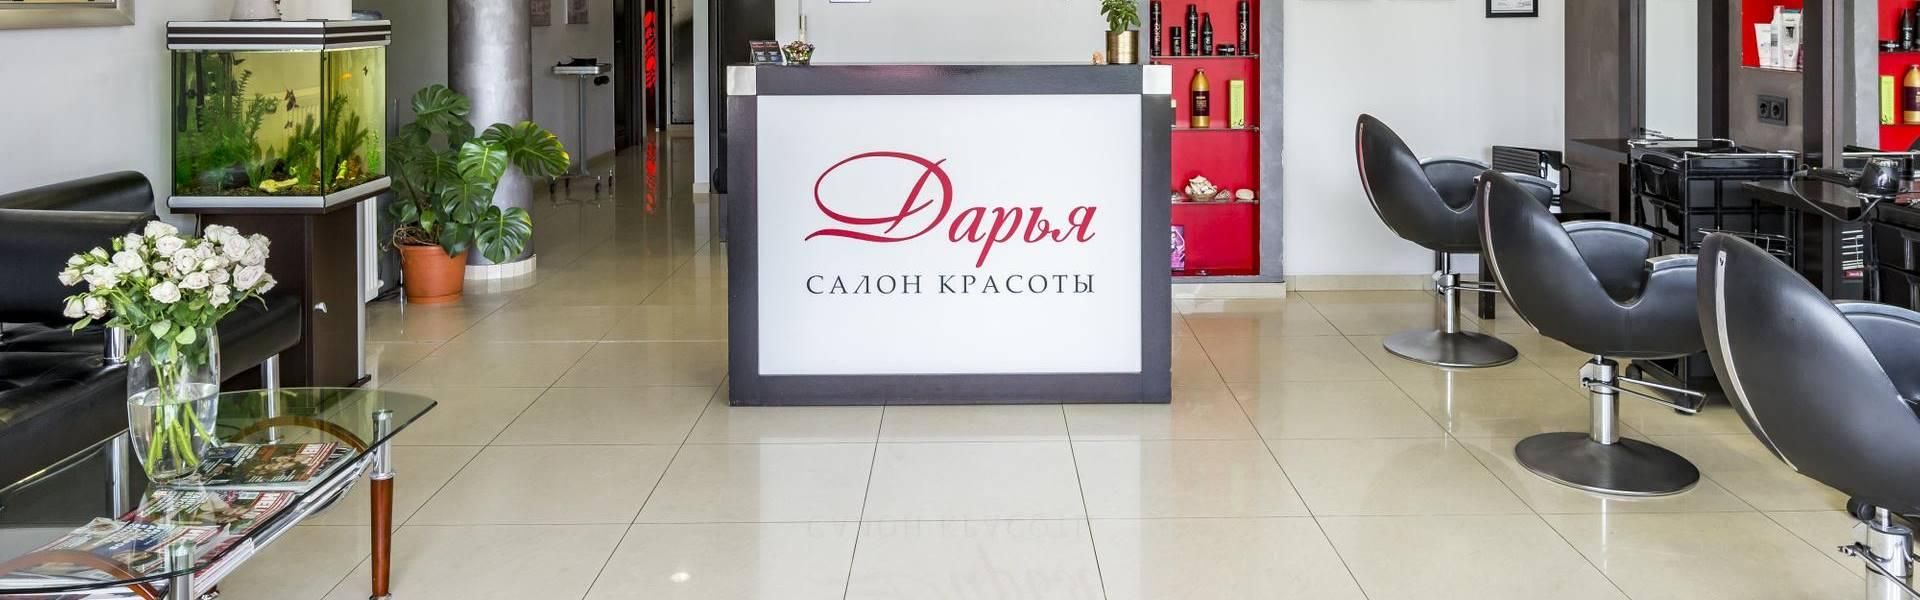 Оригинальные названия салонов красоты